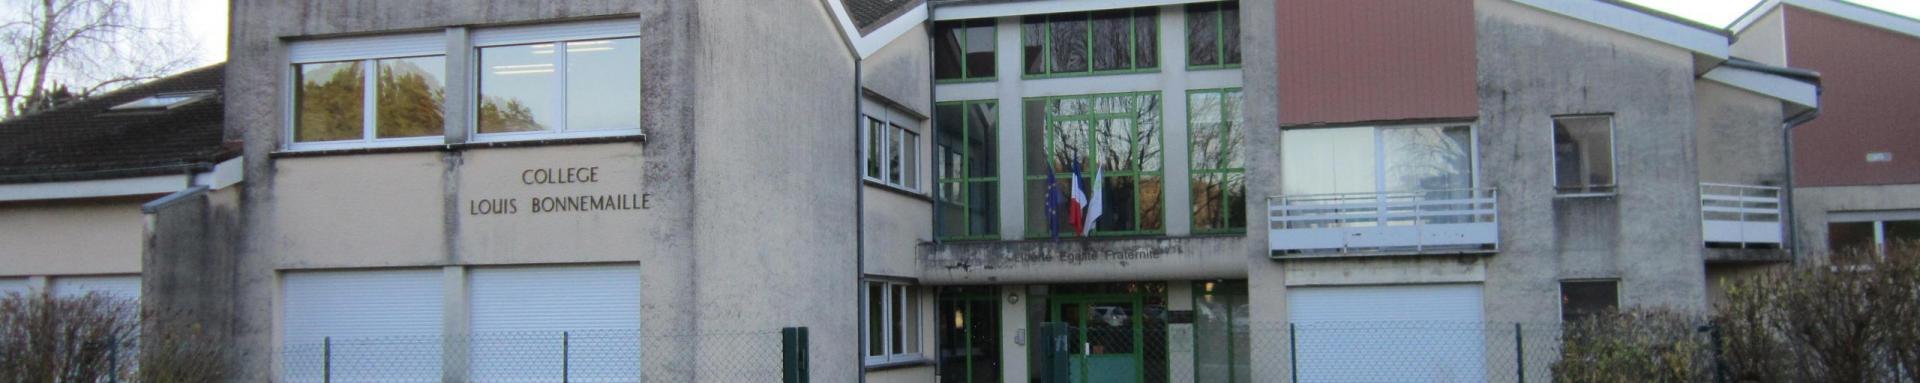 Collège Louis Bonnemaille